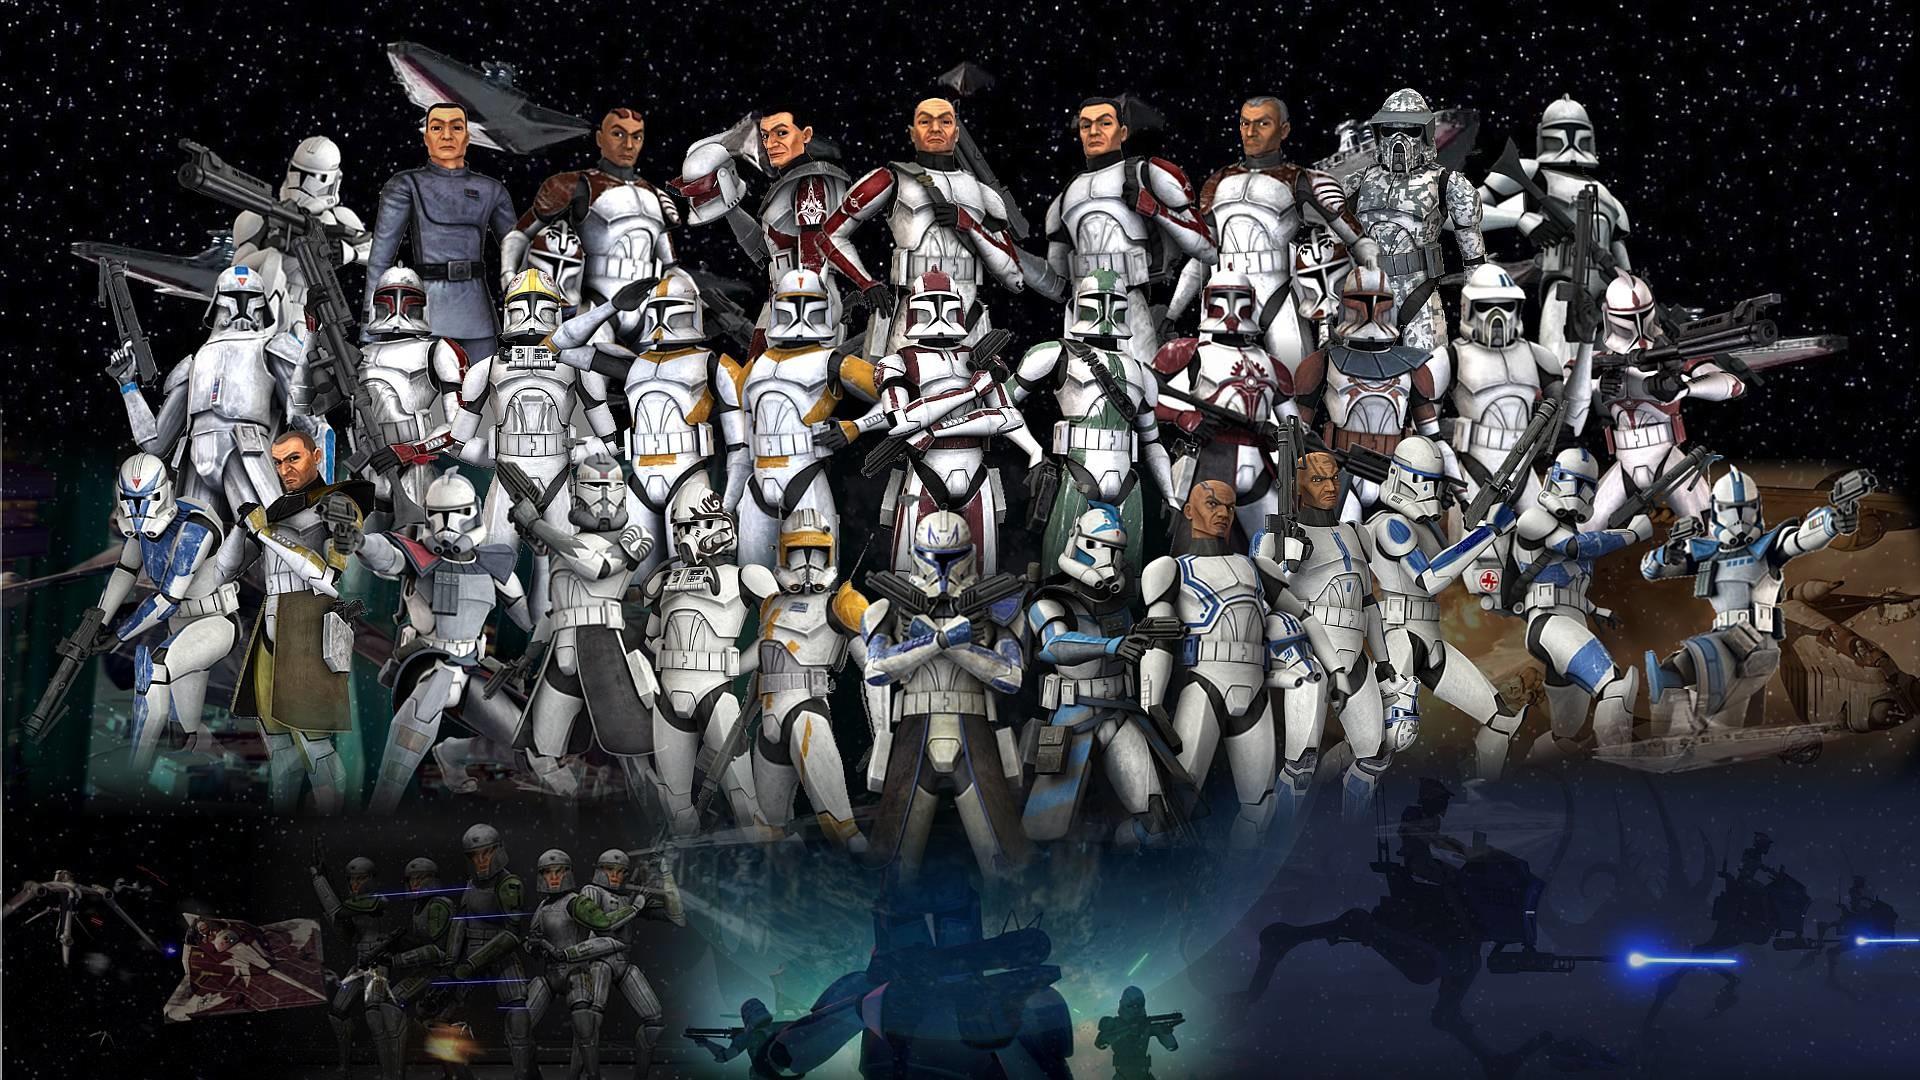 Star Wars The Clone Wars Wallpaper Hd 83578 Hd